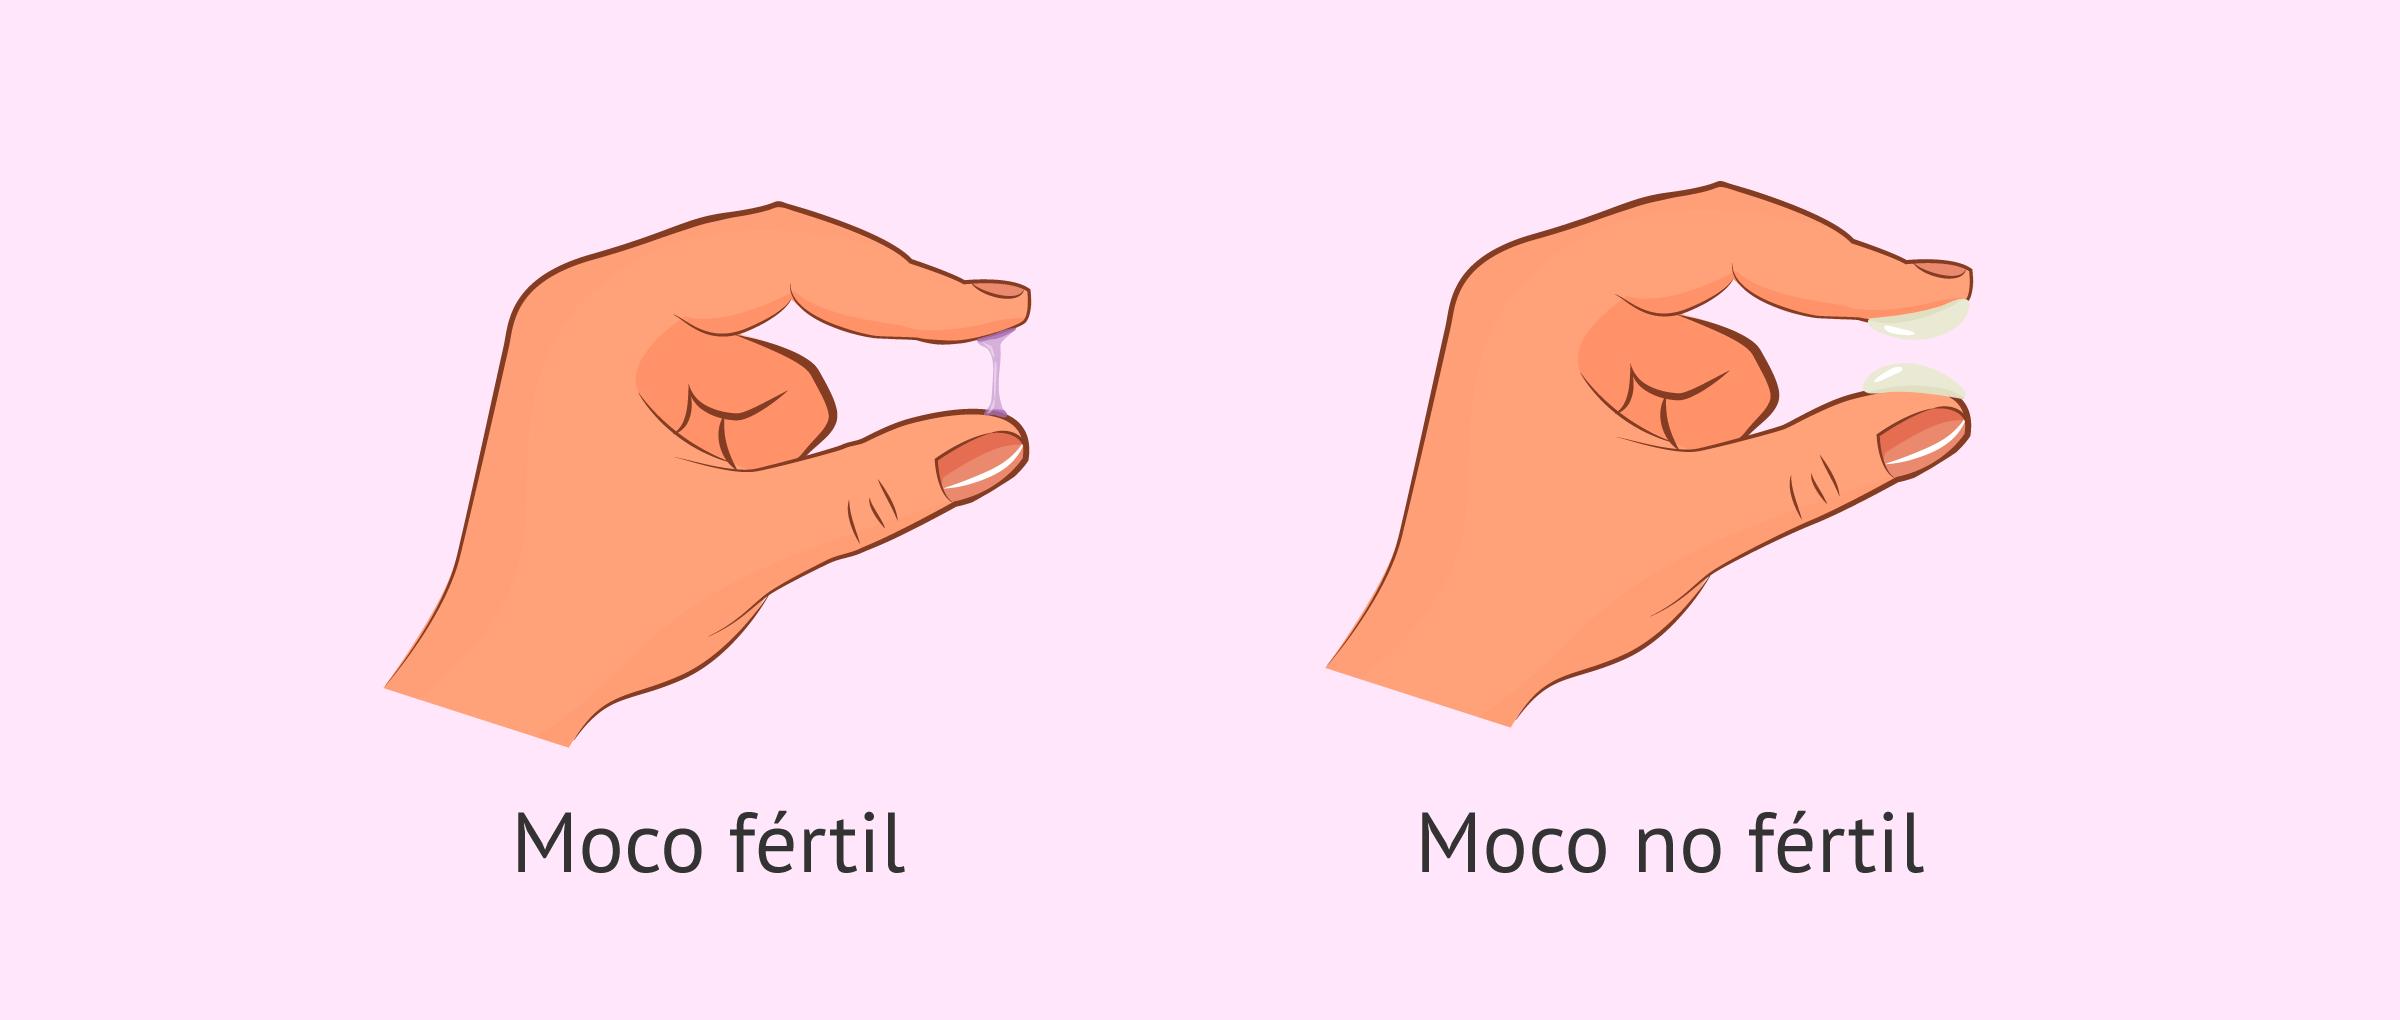 Los cambios del moco cervical durante el ciclo menstrual